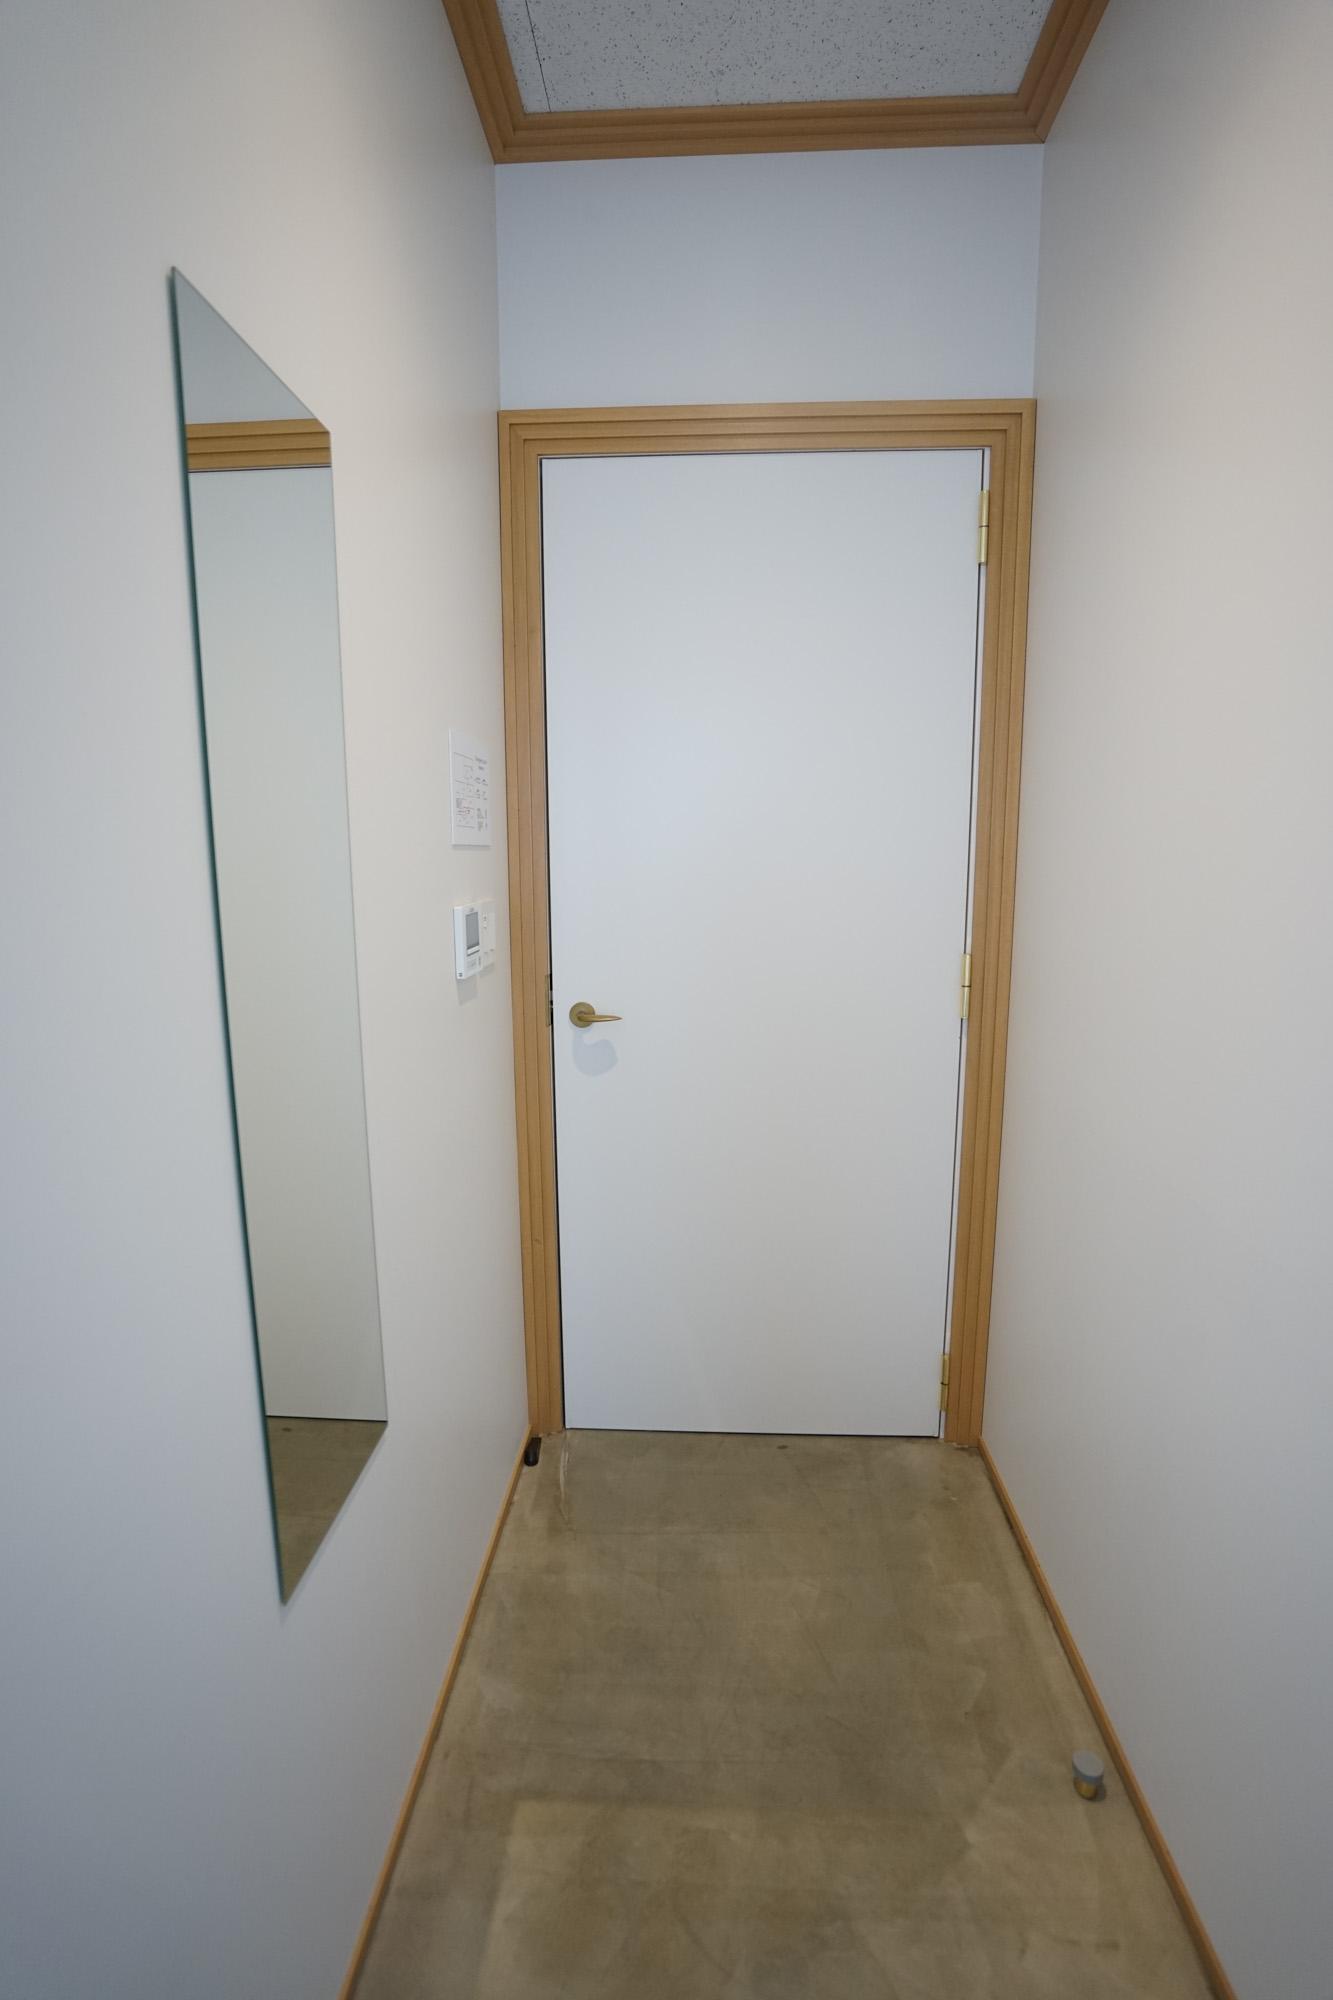 玄関部分には鏡もあって、スペースも余裕があるので、大きなスーツケースをおいても邪魔にはならなさそう。